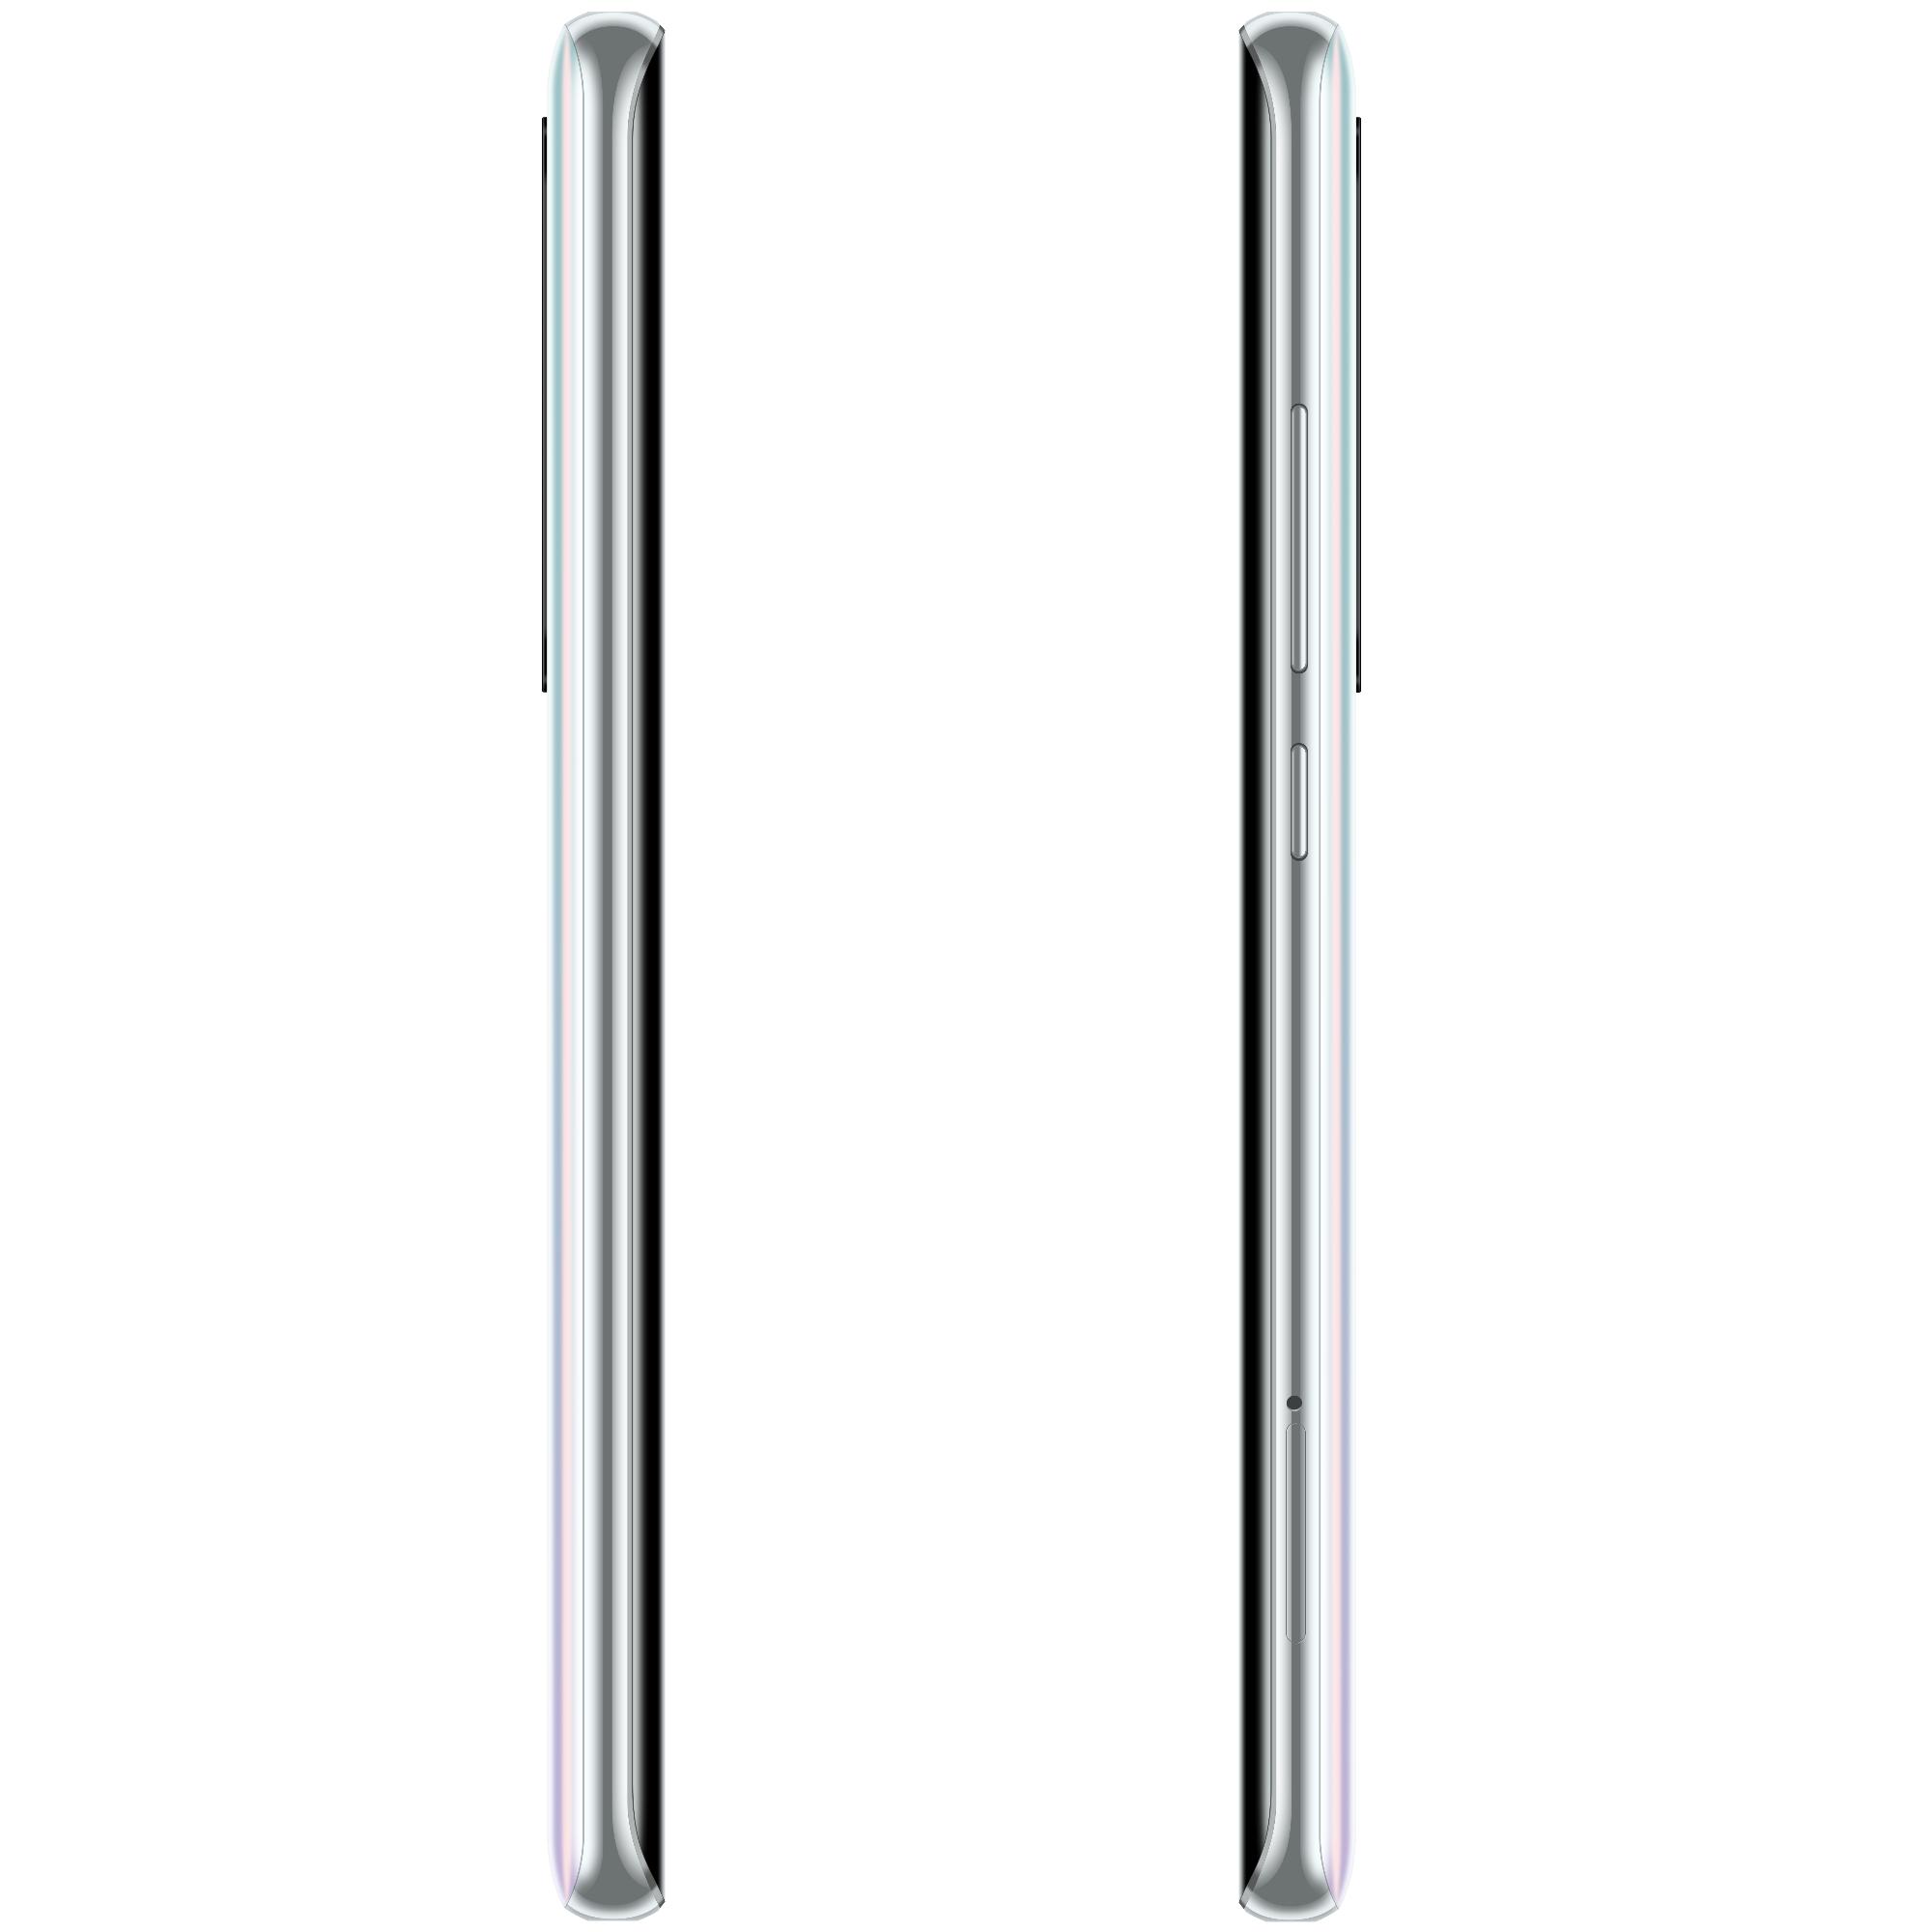 Xiaomi Mi Note 10 Lite 128 6gb Glacier White